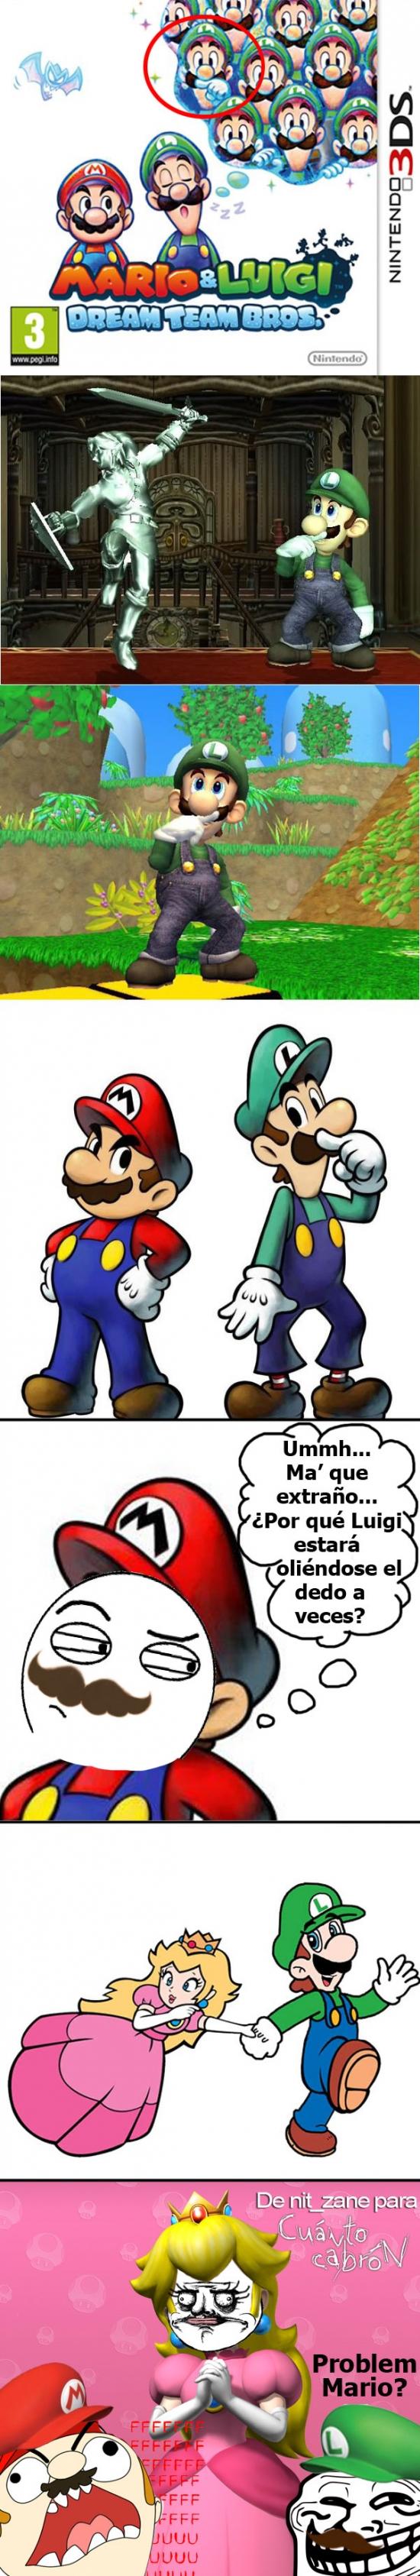 Thats_suspicious - El secreto de Luigi